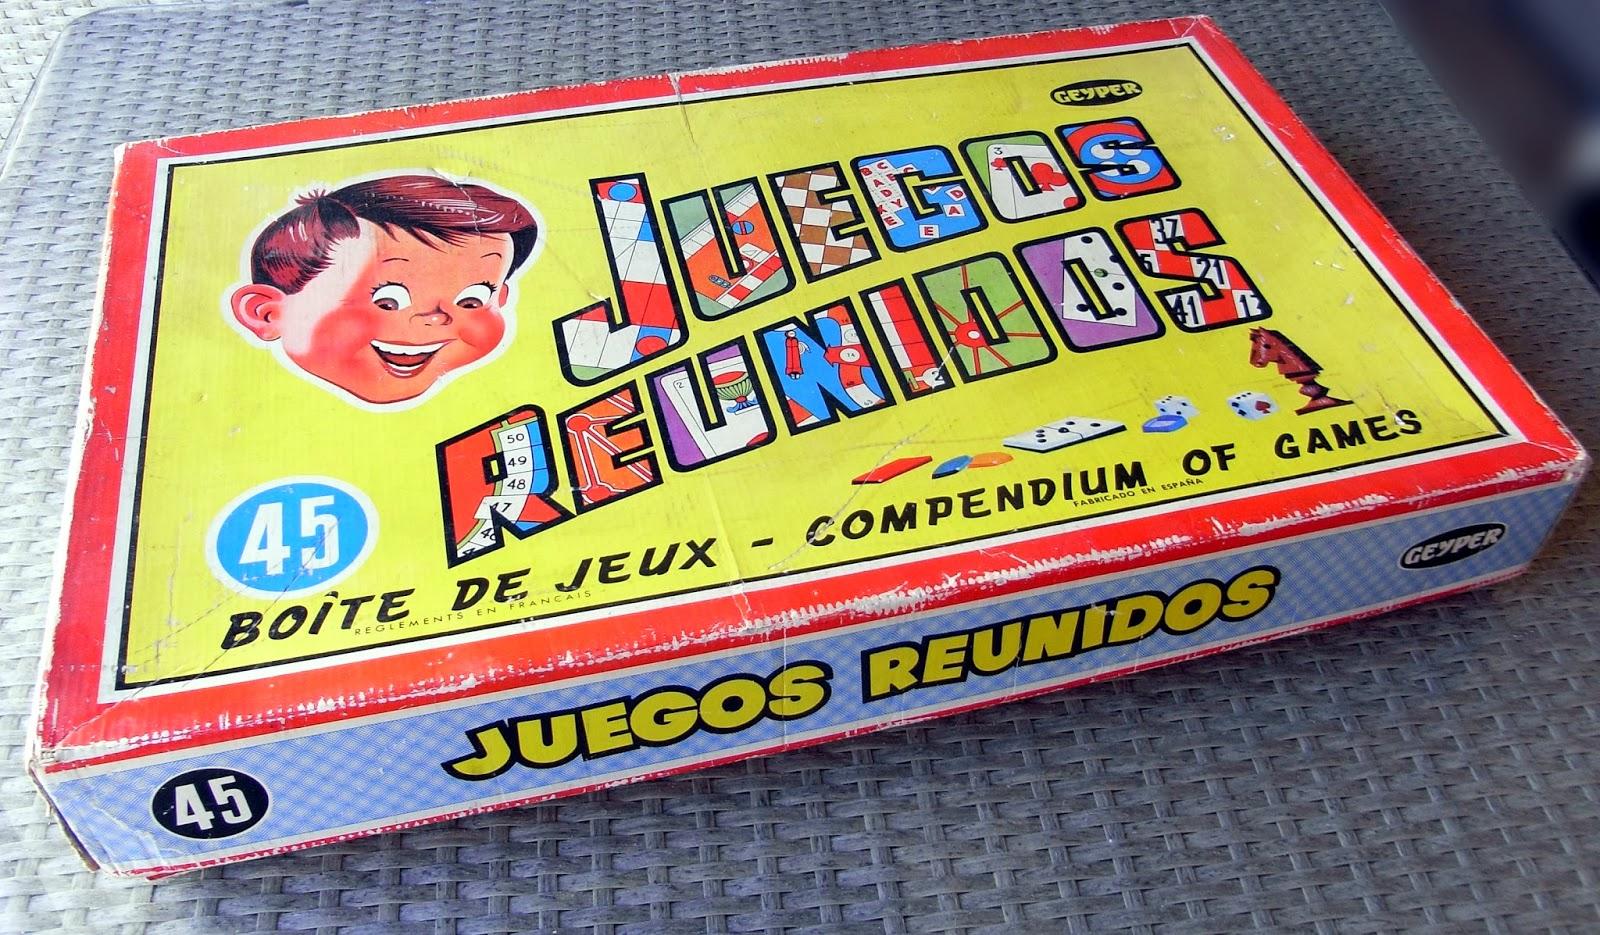 Memorias De Plastico Y Papel Juegos Reunidos Geyper Anos 70